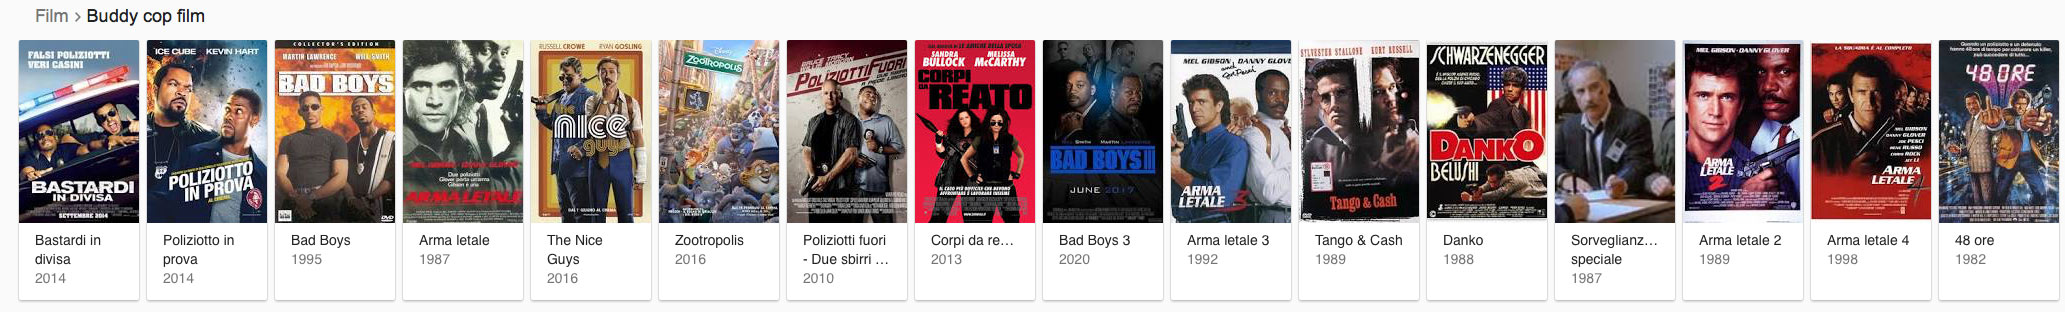 buddy-cops-film-di-maio-salvini-comunicazione-politica